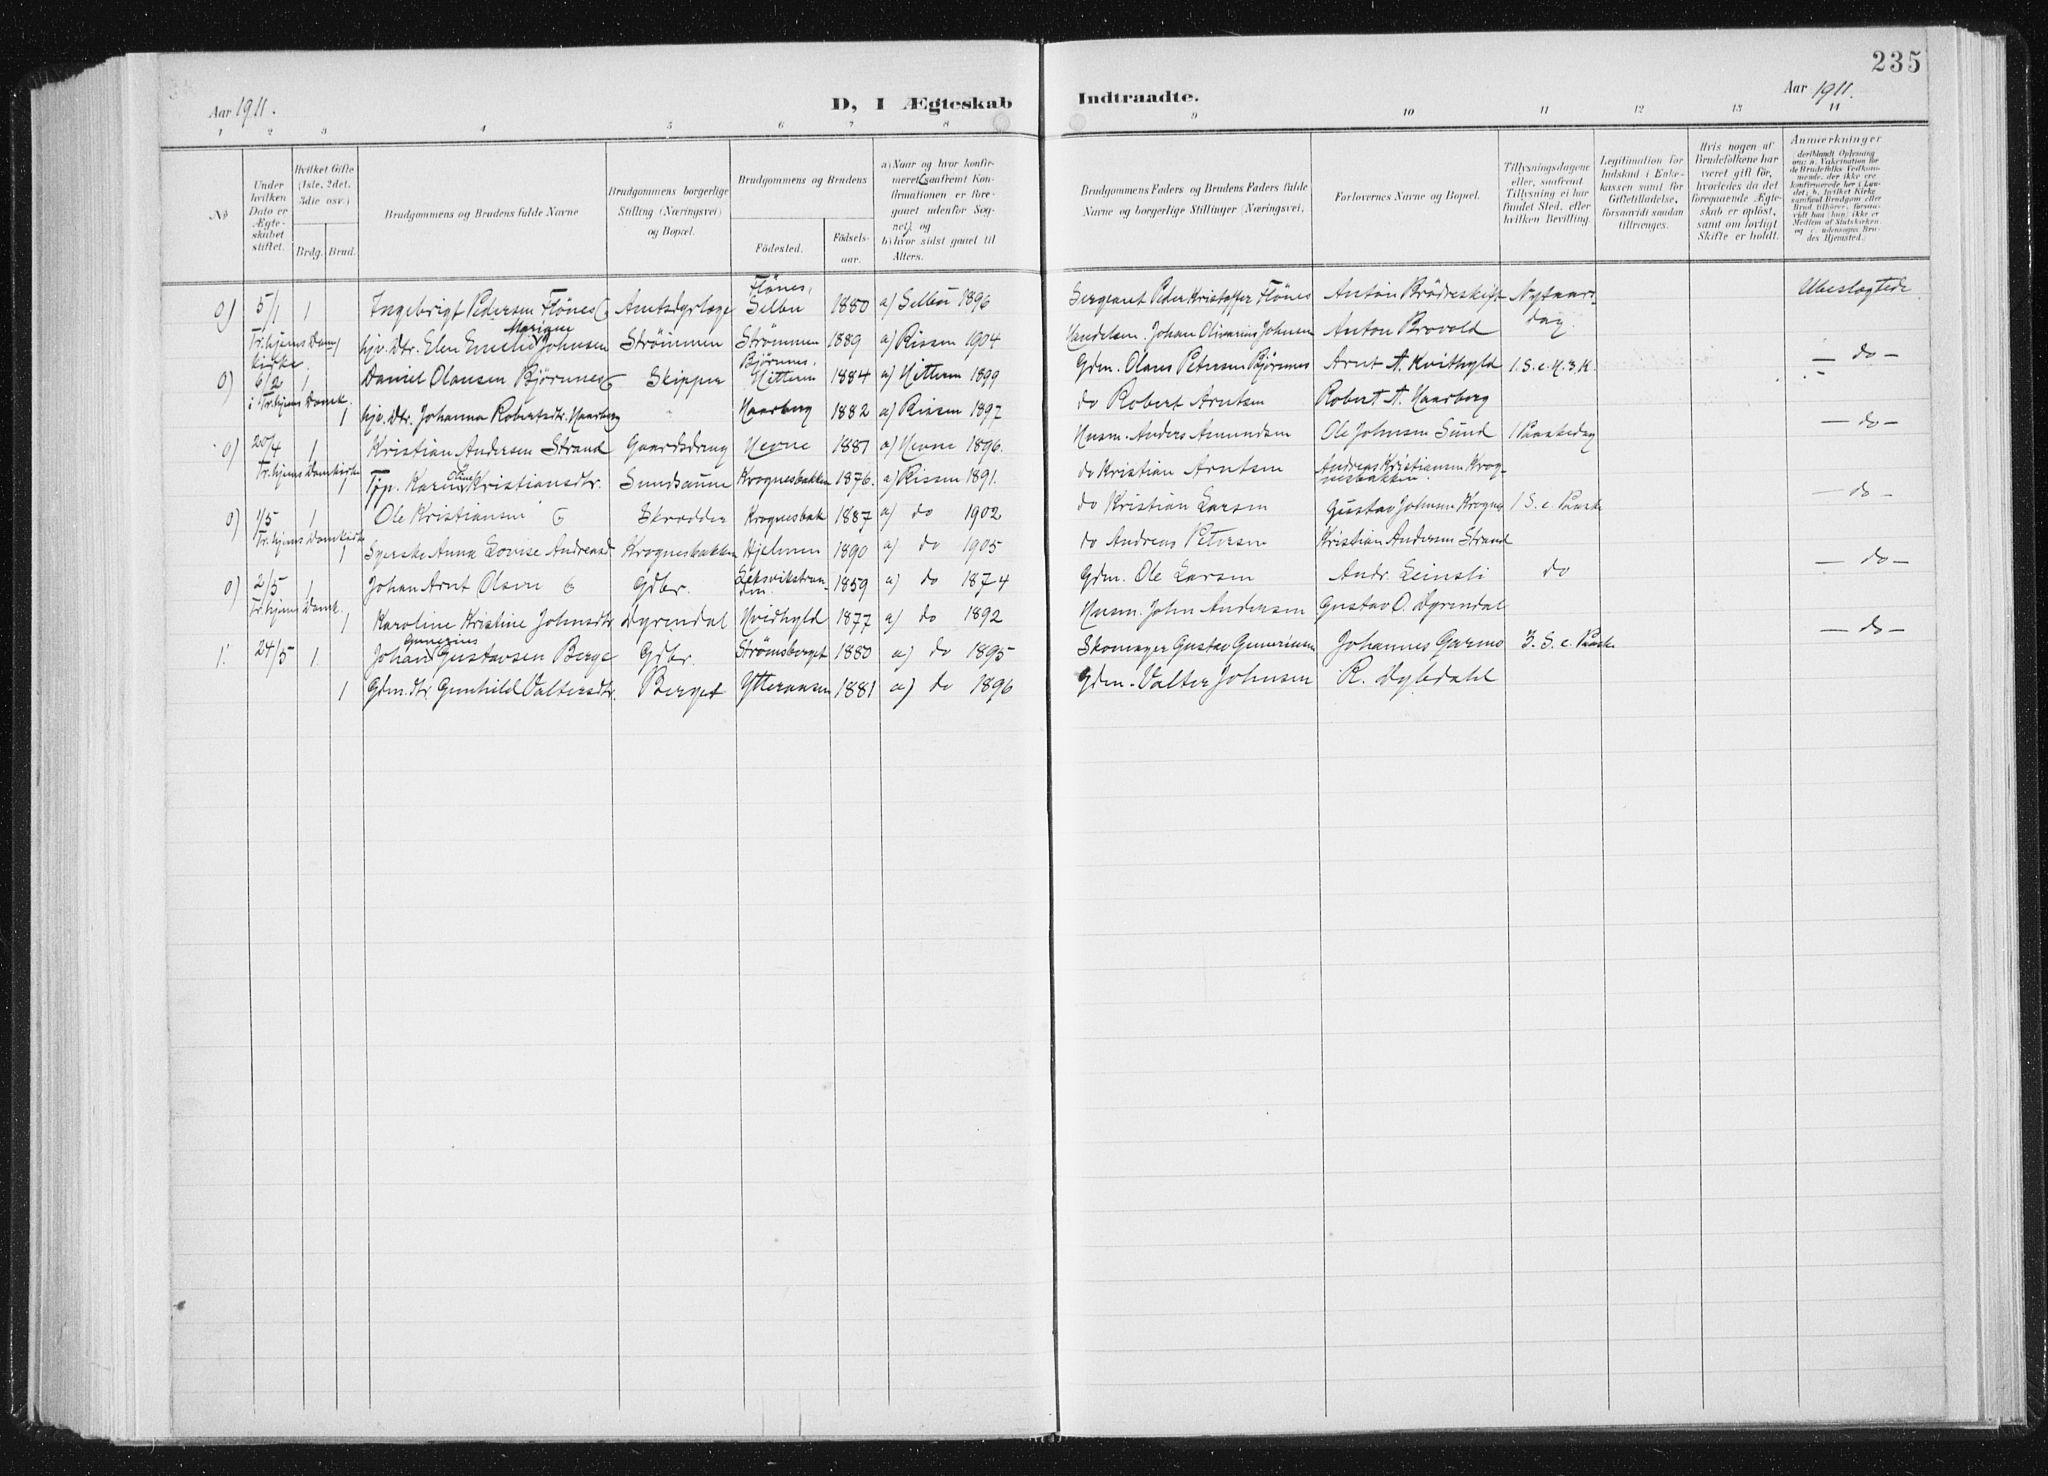 SAT, Ministerialprotokoller, klokkerbøker og fødselsregistre - Sør-Trøndelag, 647/L0635: Ministerialbok nr. 647A02, 1896-1911, s. 235